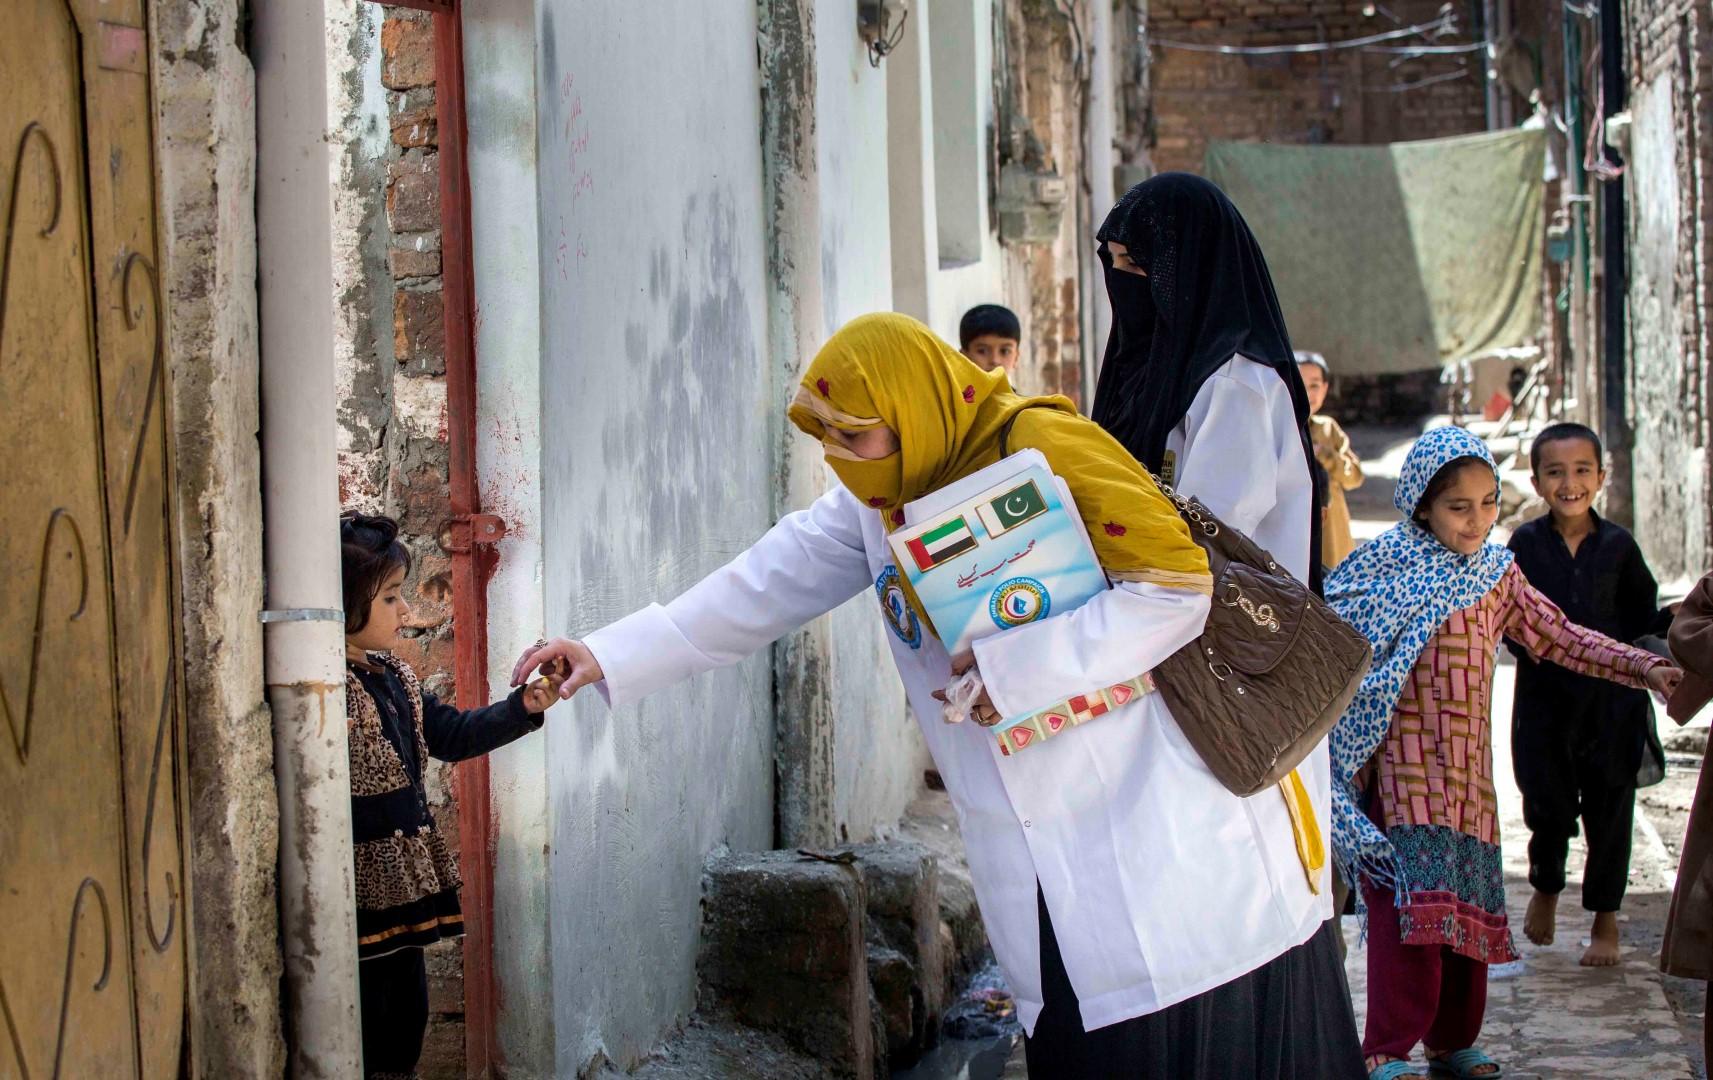 بتوجيهات رئيس الدولة .. أكثر من 43 مليون طفل باكستاني حصلوا على ربع مليار جرعة تطعيم ضد شلل الأطفال. 1